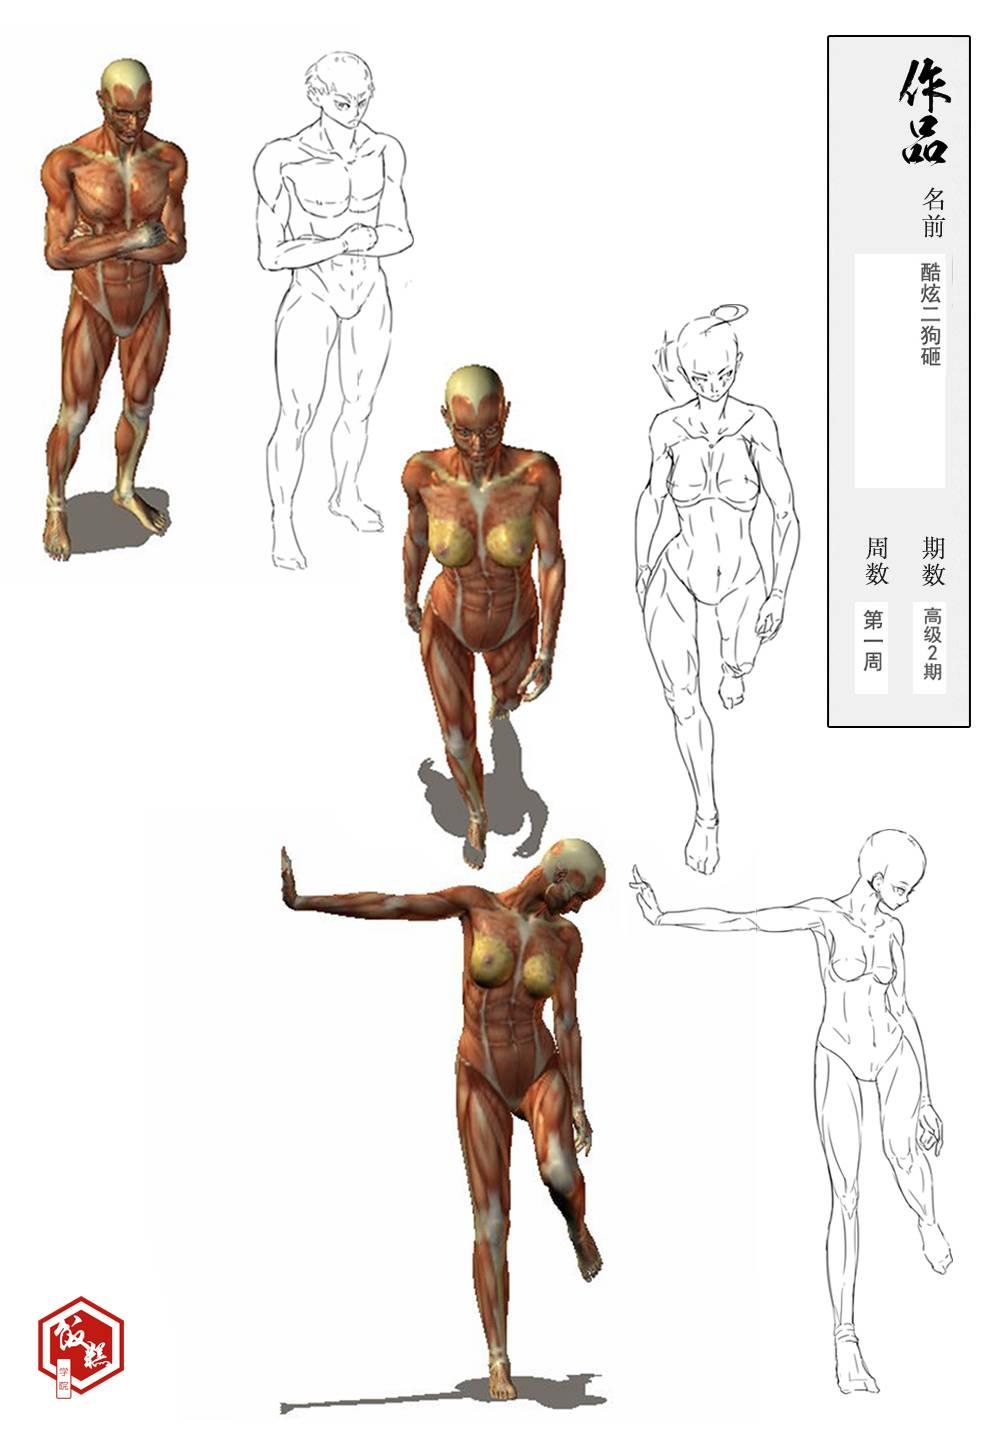 澡逼人体_第一张男性人体崩掉了qaq 然后对肩宽和脚的画法比较懵逼.